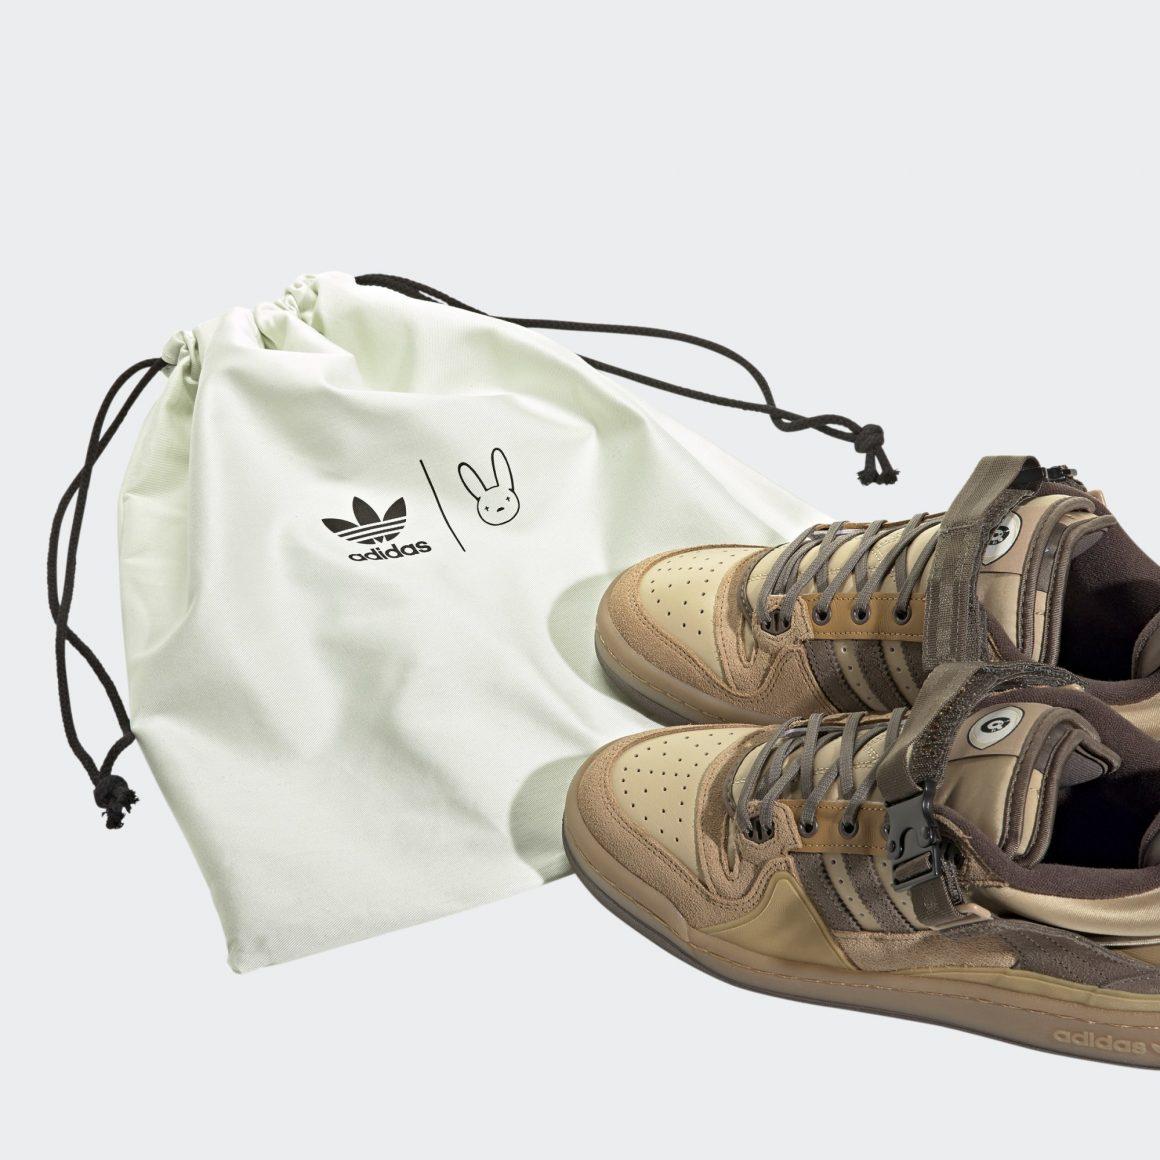 Bad Bunny x adidas Originals Forum 84 Low ''The First Café'' - GW0264